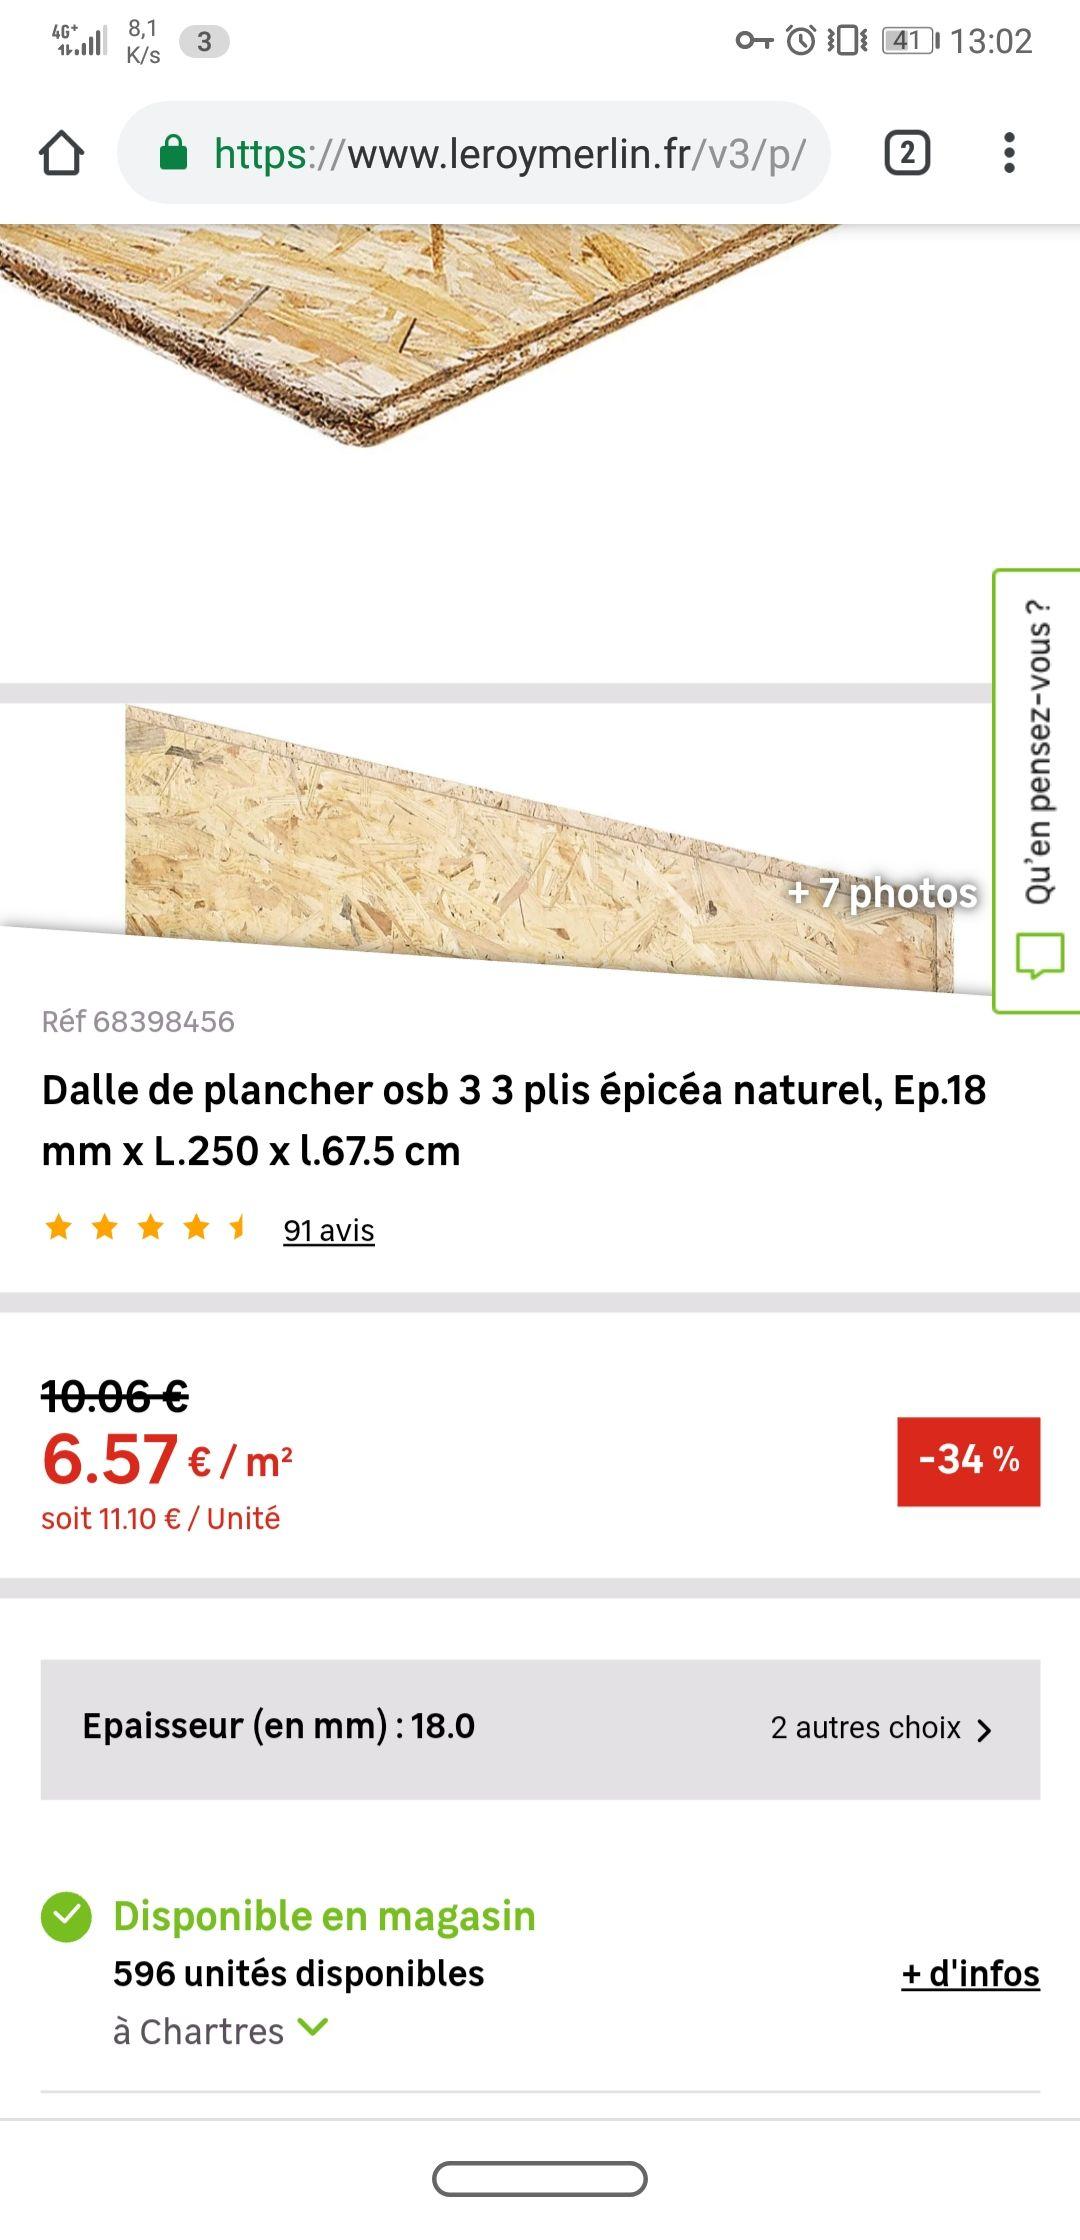 Dalle De Plancher Osb 3 3 Plis En épicéa Naturel 250x67